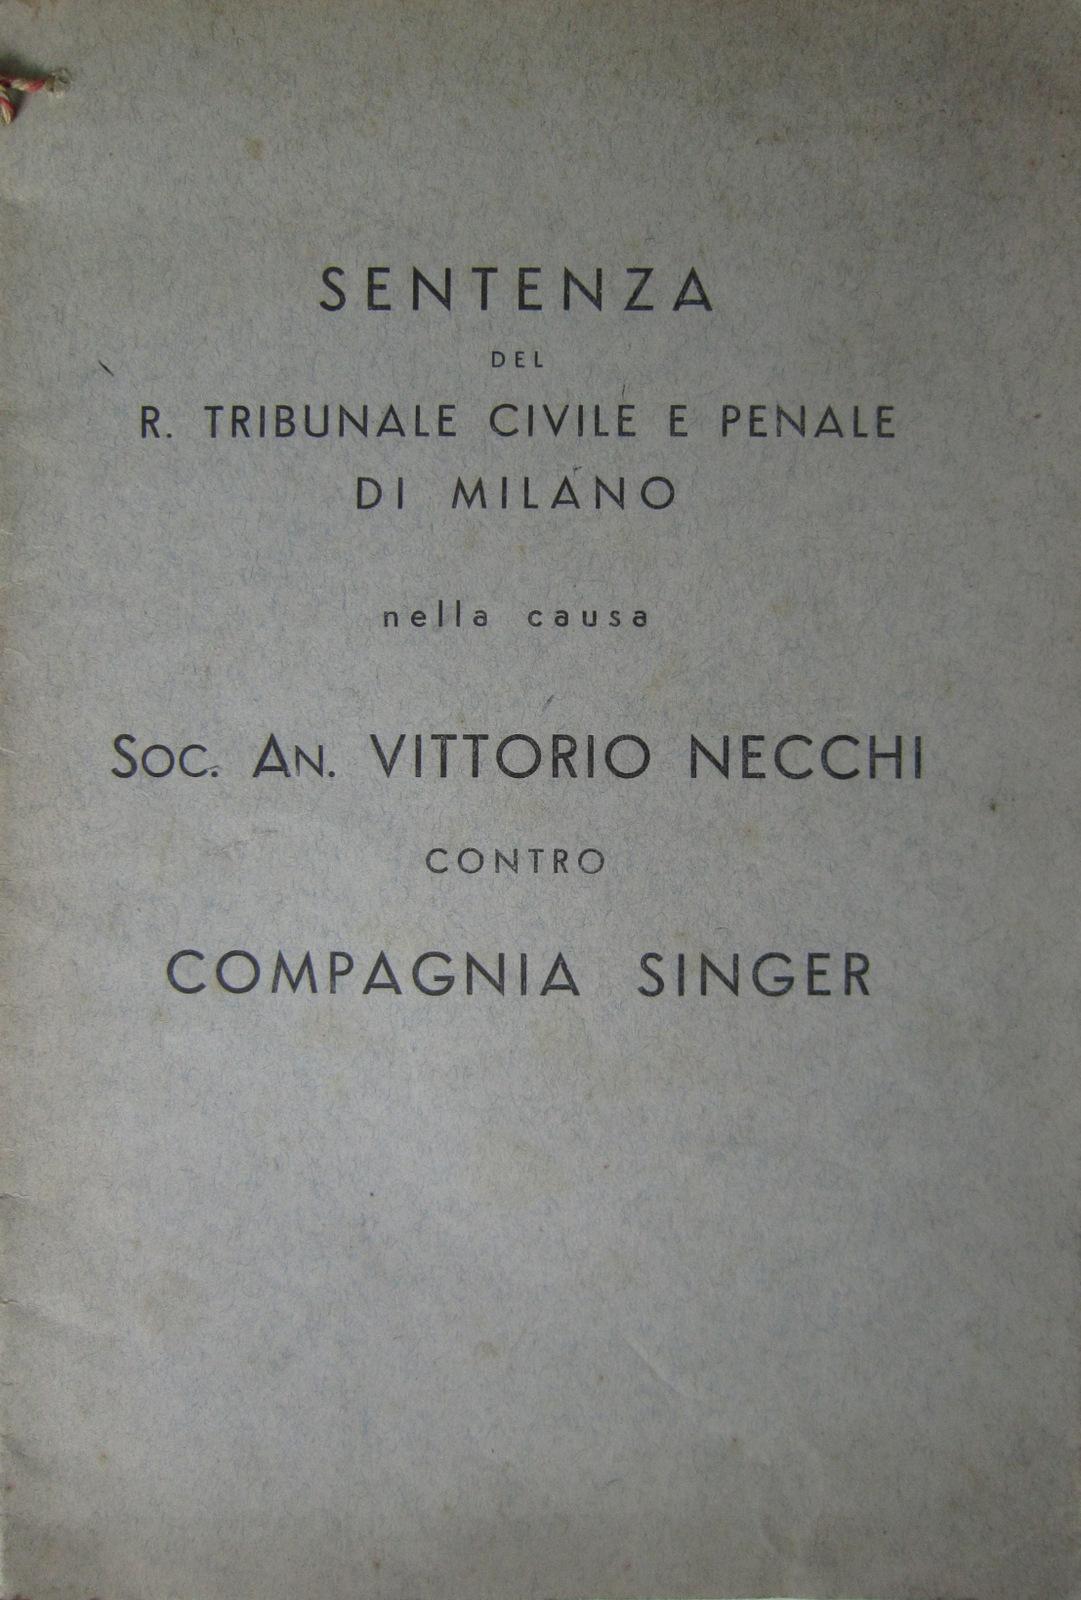 Sentenza del R. Tribunale civile e penale di Milano nella causa Soc. An. Vittorio Necchi contro Compagnia Singer